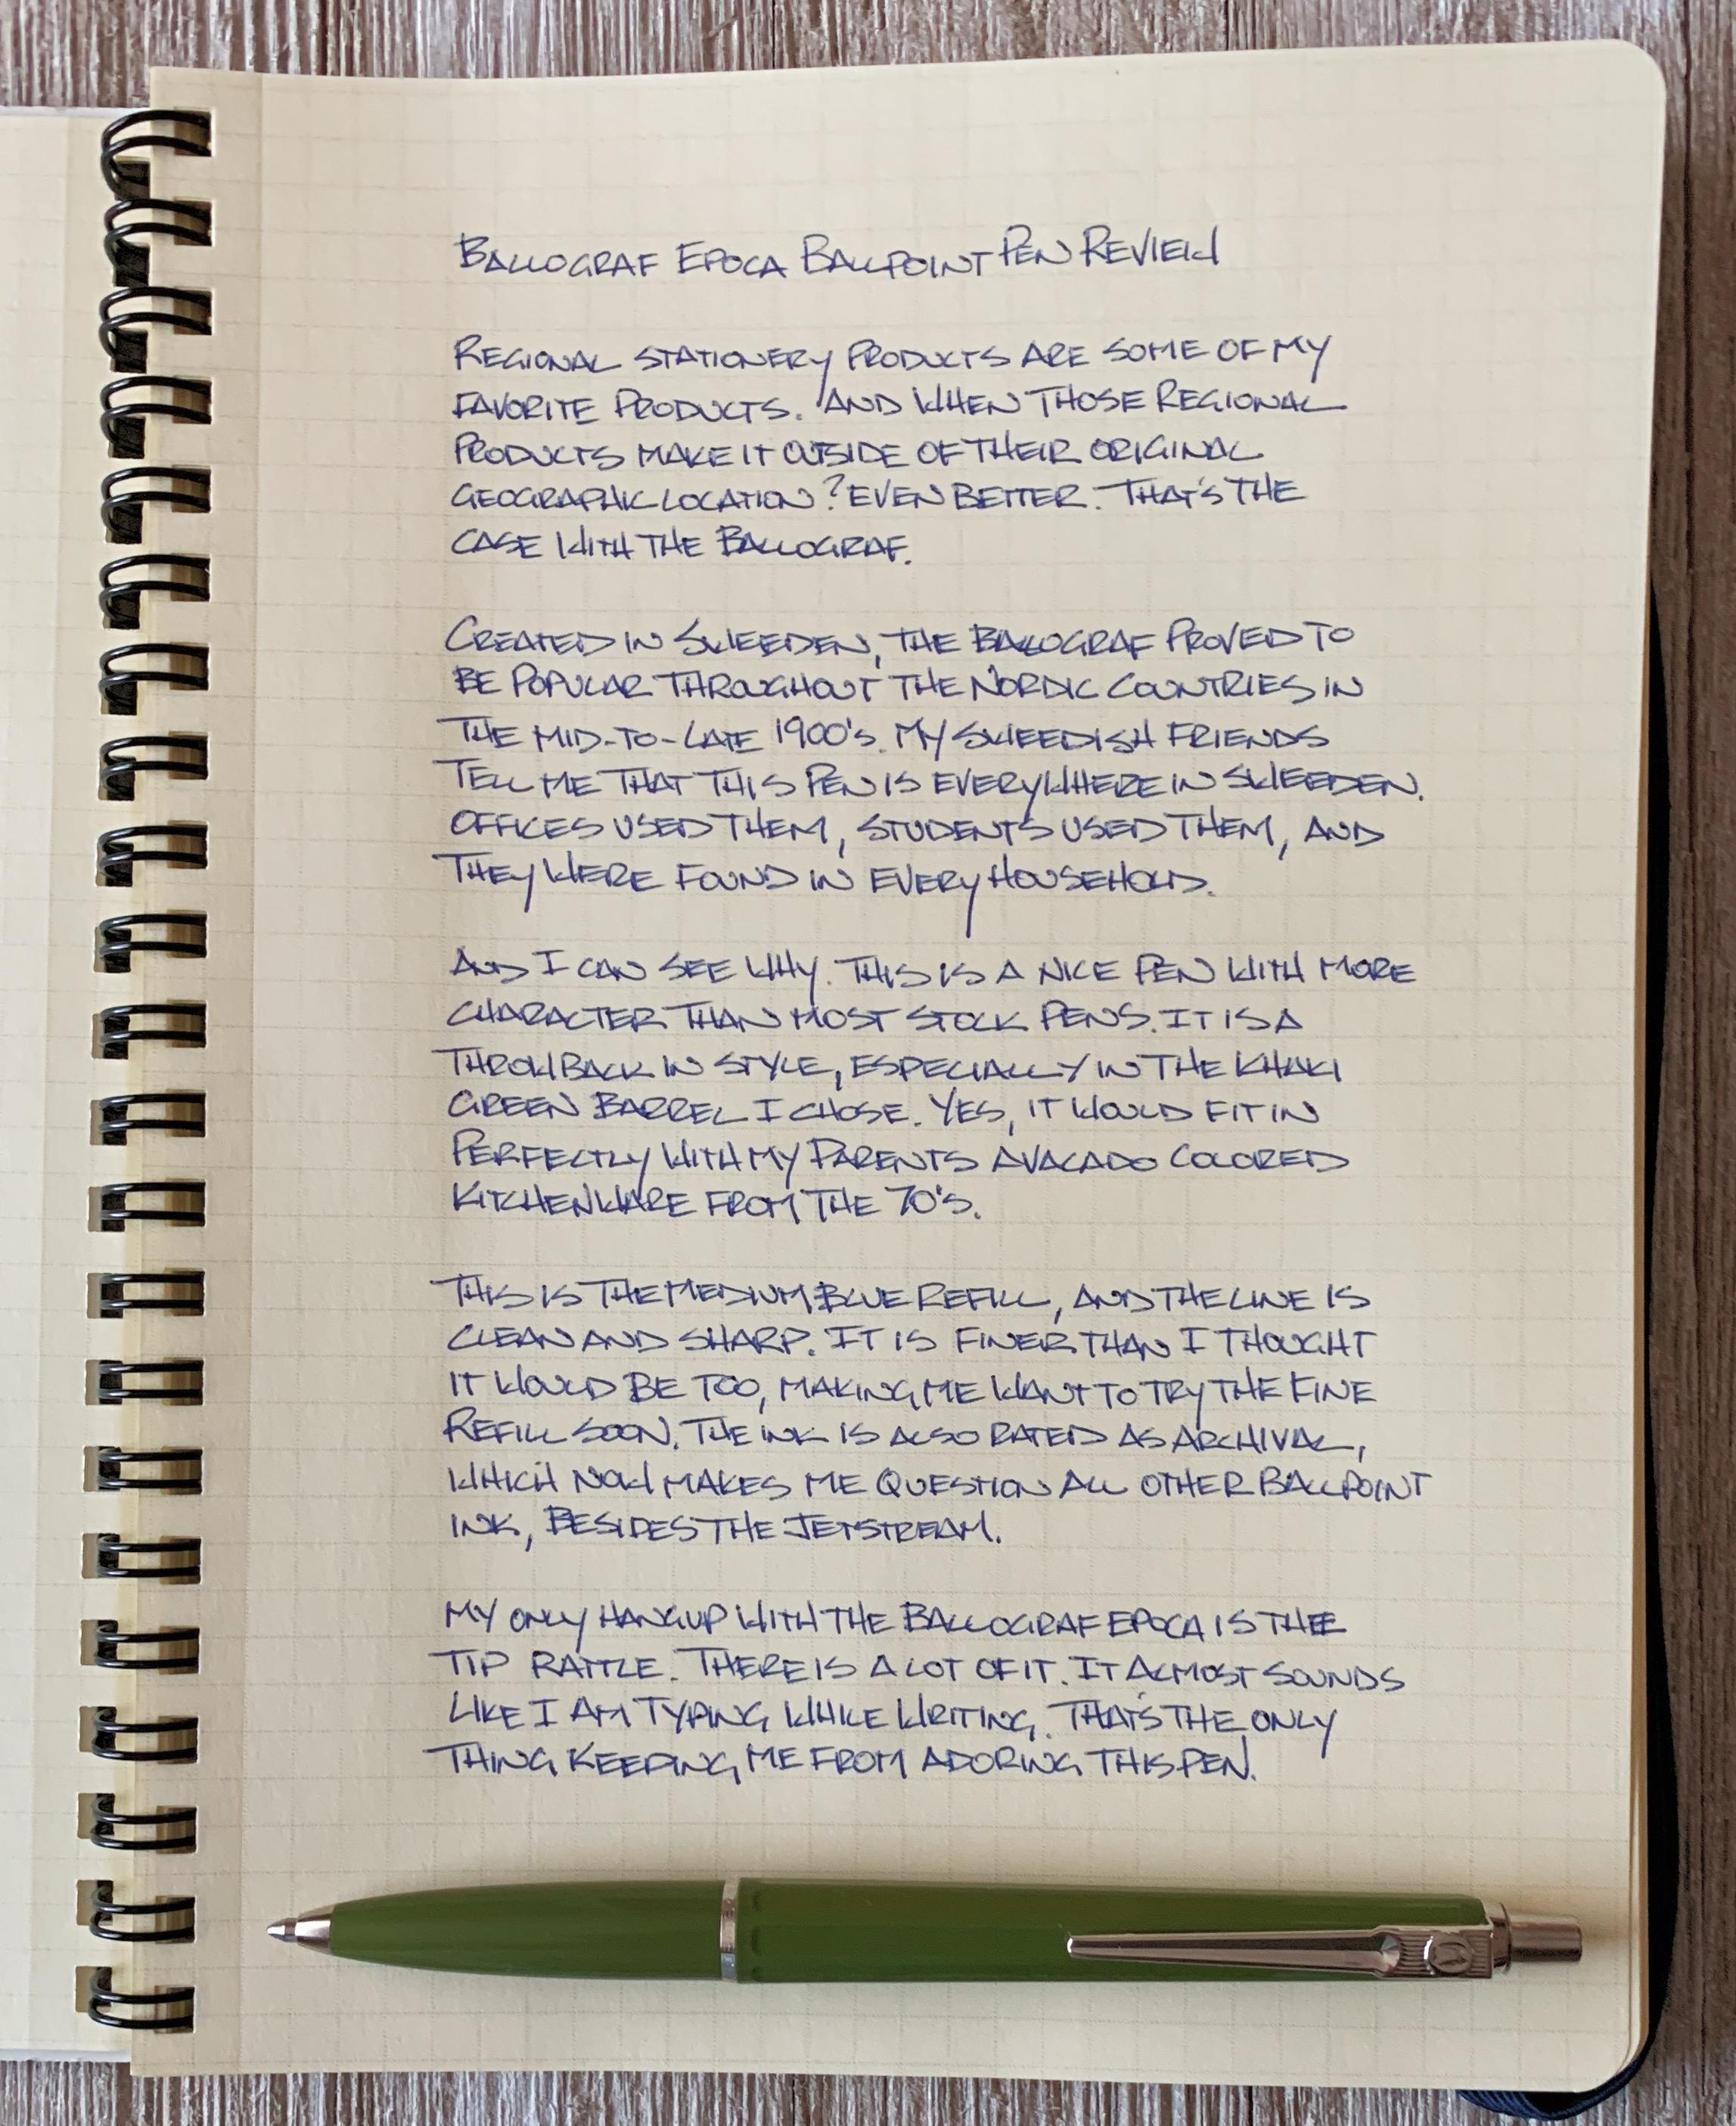 Ballograf Epoca P Ballpoint Pen Writing